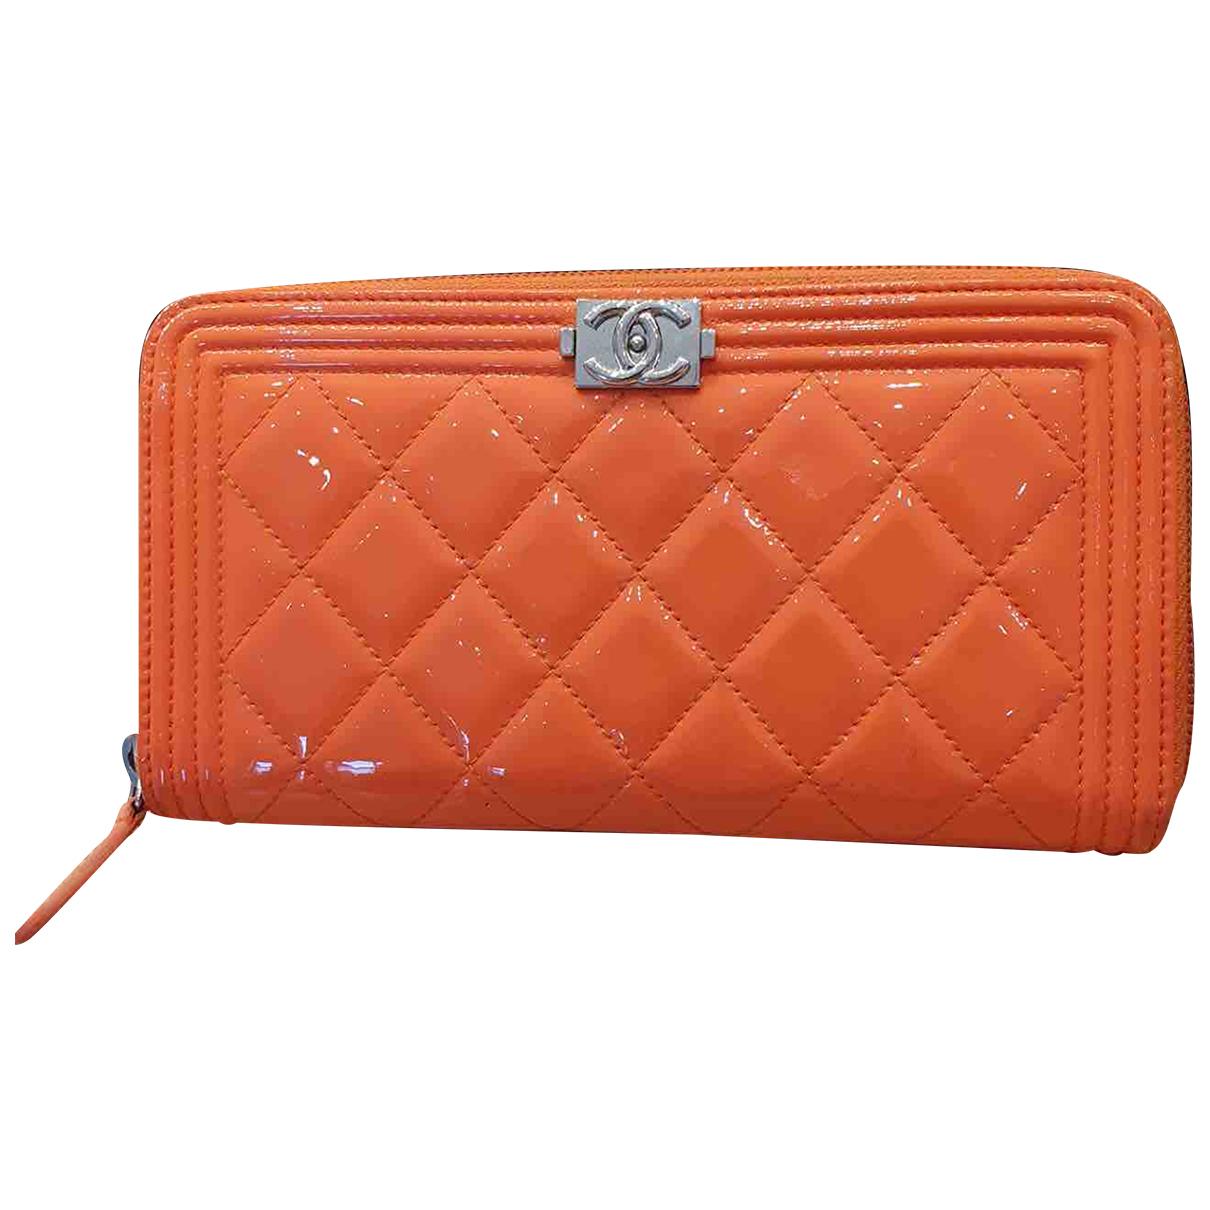 Chanel - Portefeuille Boy pour femme en cuir verni - orange